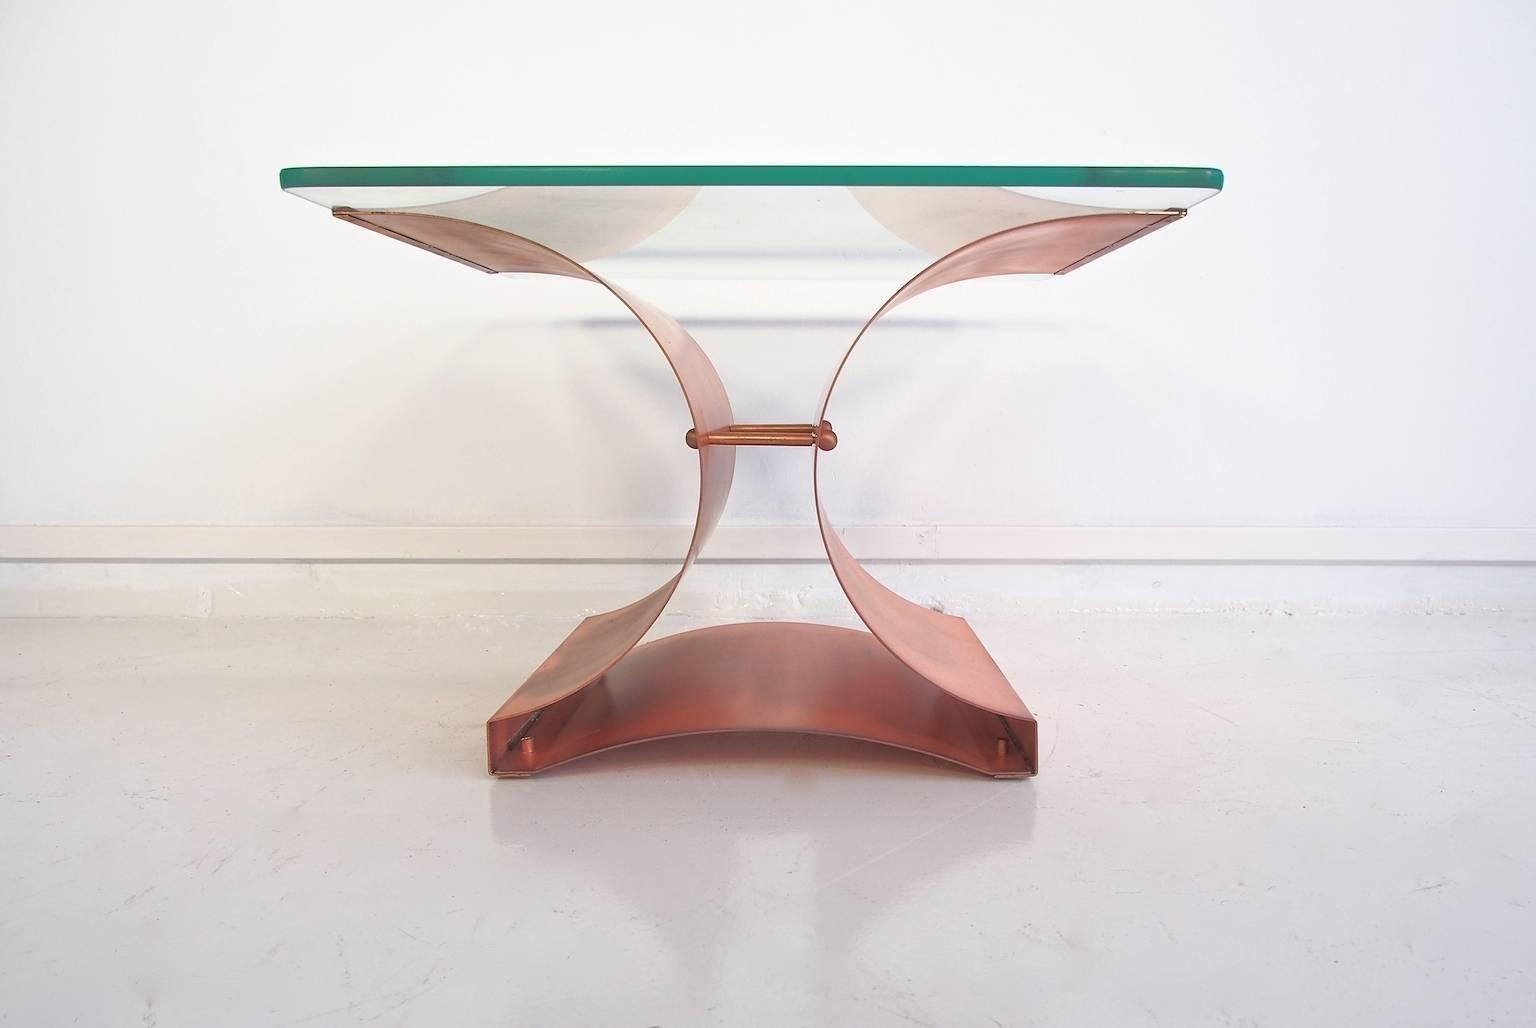 Brutalistischer Kupfer & Glas Couchtisch, 1970er